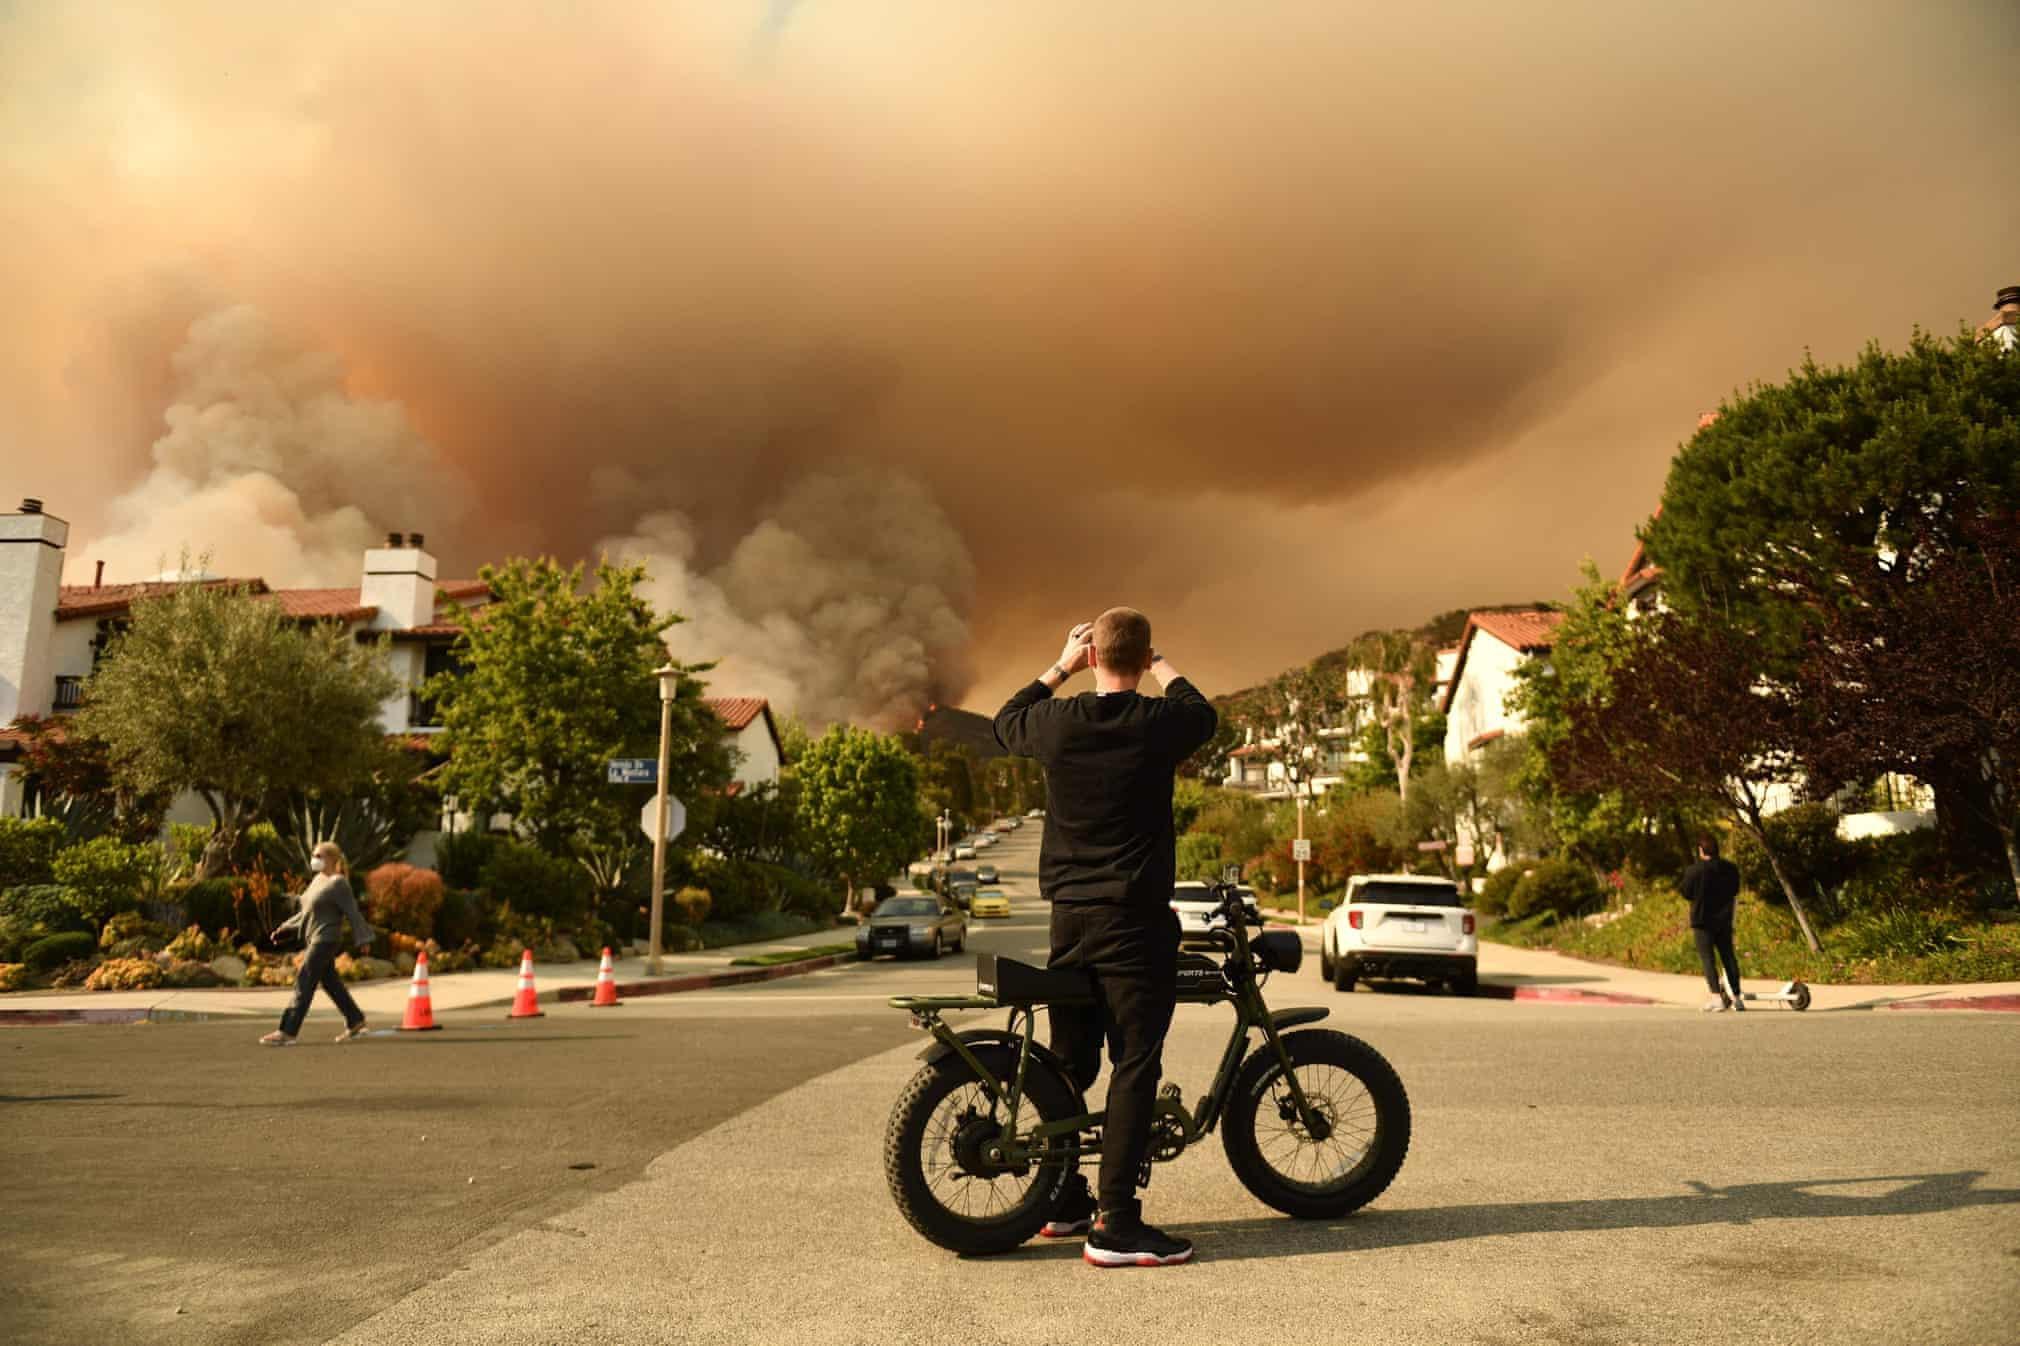 Lũ lụt, cháy rừng và loạt ảnh khủng hoảng khí hậu toàn cầu - ảnh 4